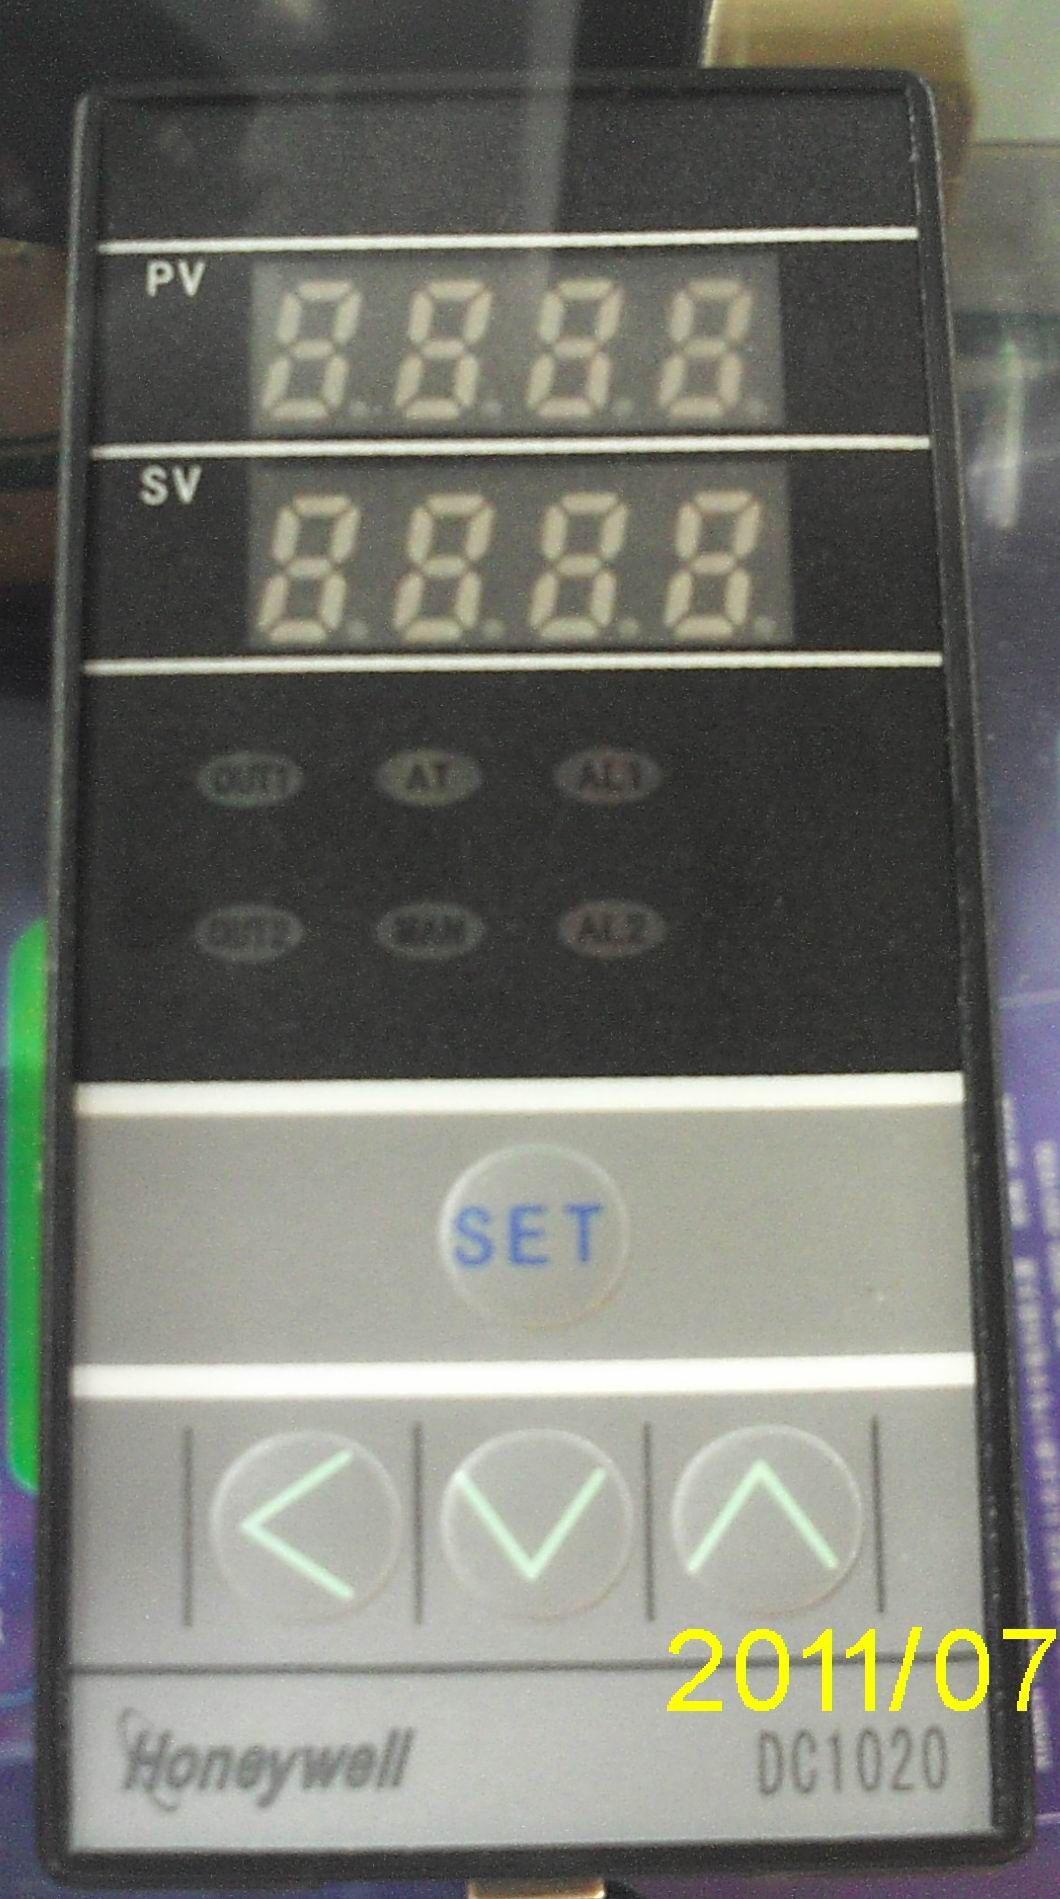 霍尼韦尔温控器 - 霍尼韦尔温控器